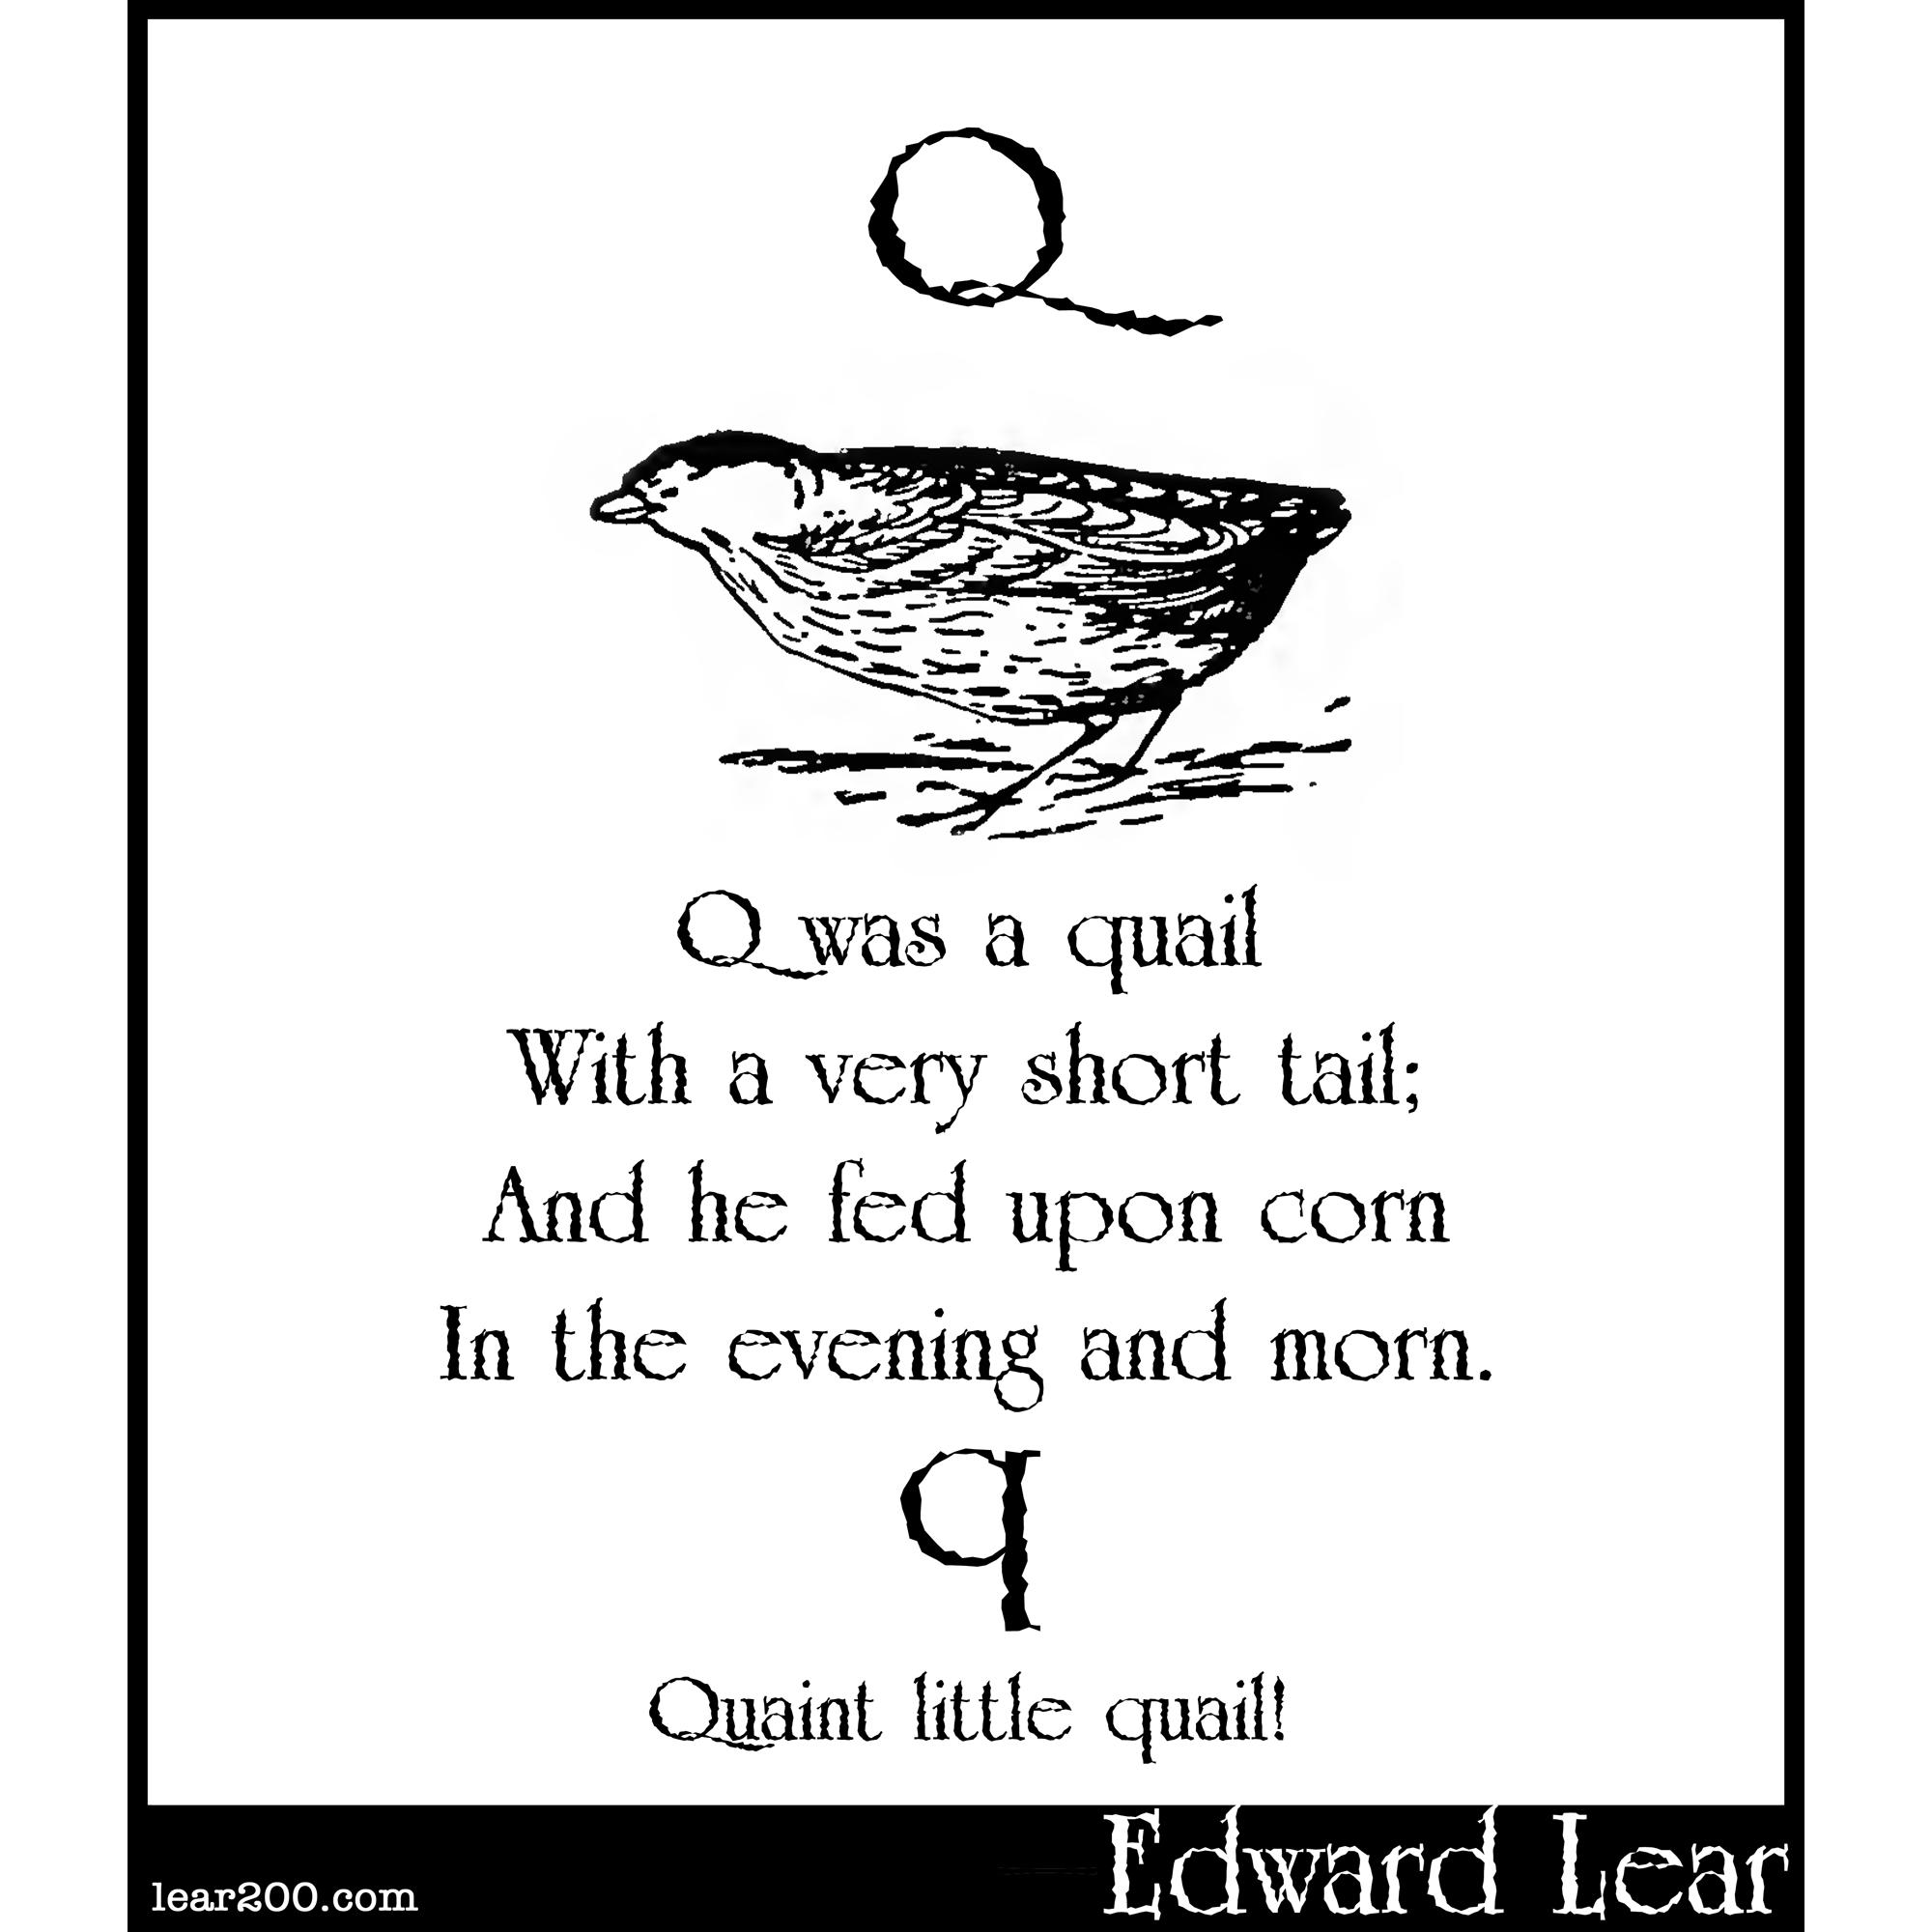 Q was a quail